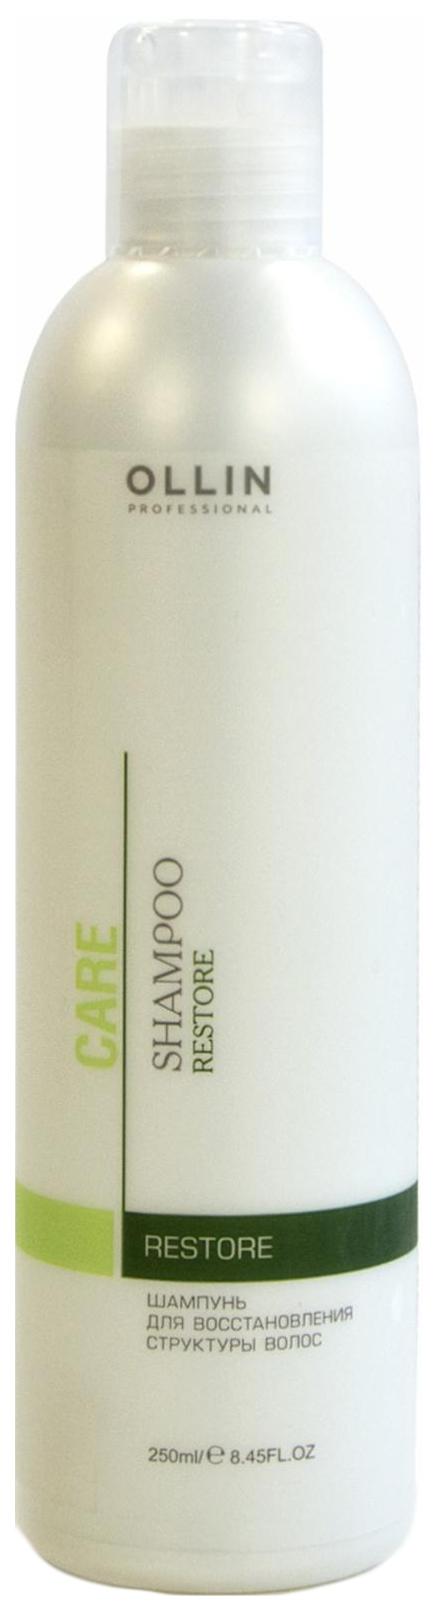 Шампунь Ollin Professional Для восстановления структуры волос 250 мл фото